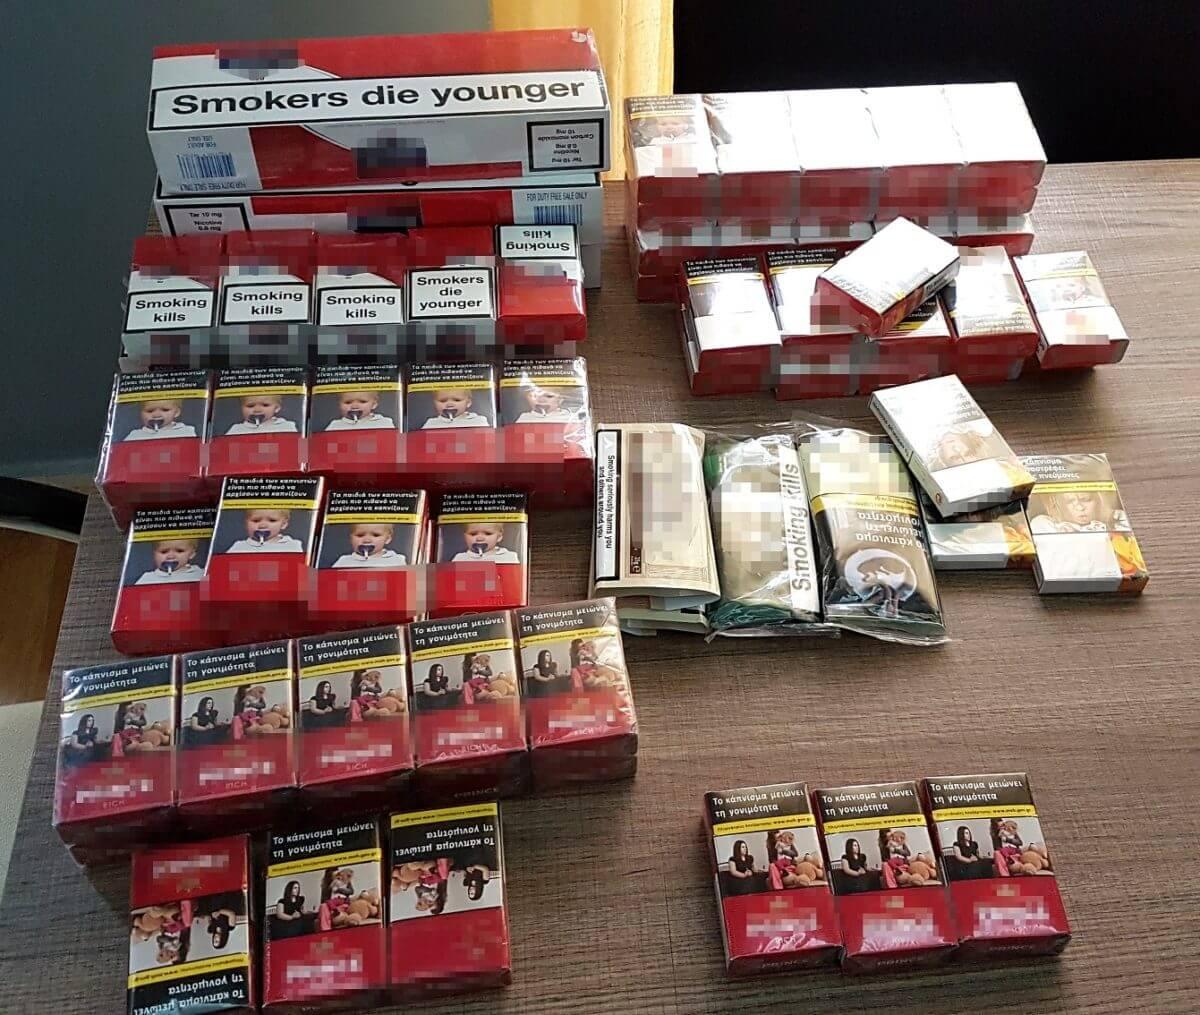 Πειραιάς : Συνελήφθη με 7.720 αφορολόγητα πακέτα τσιγάρα και 197 συσκευασίες καπνού